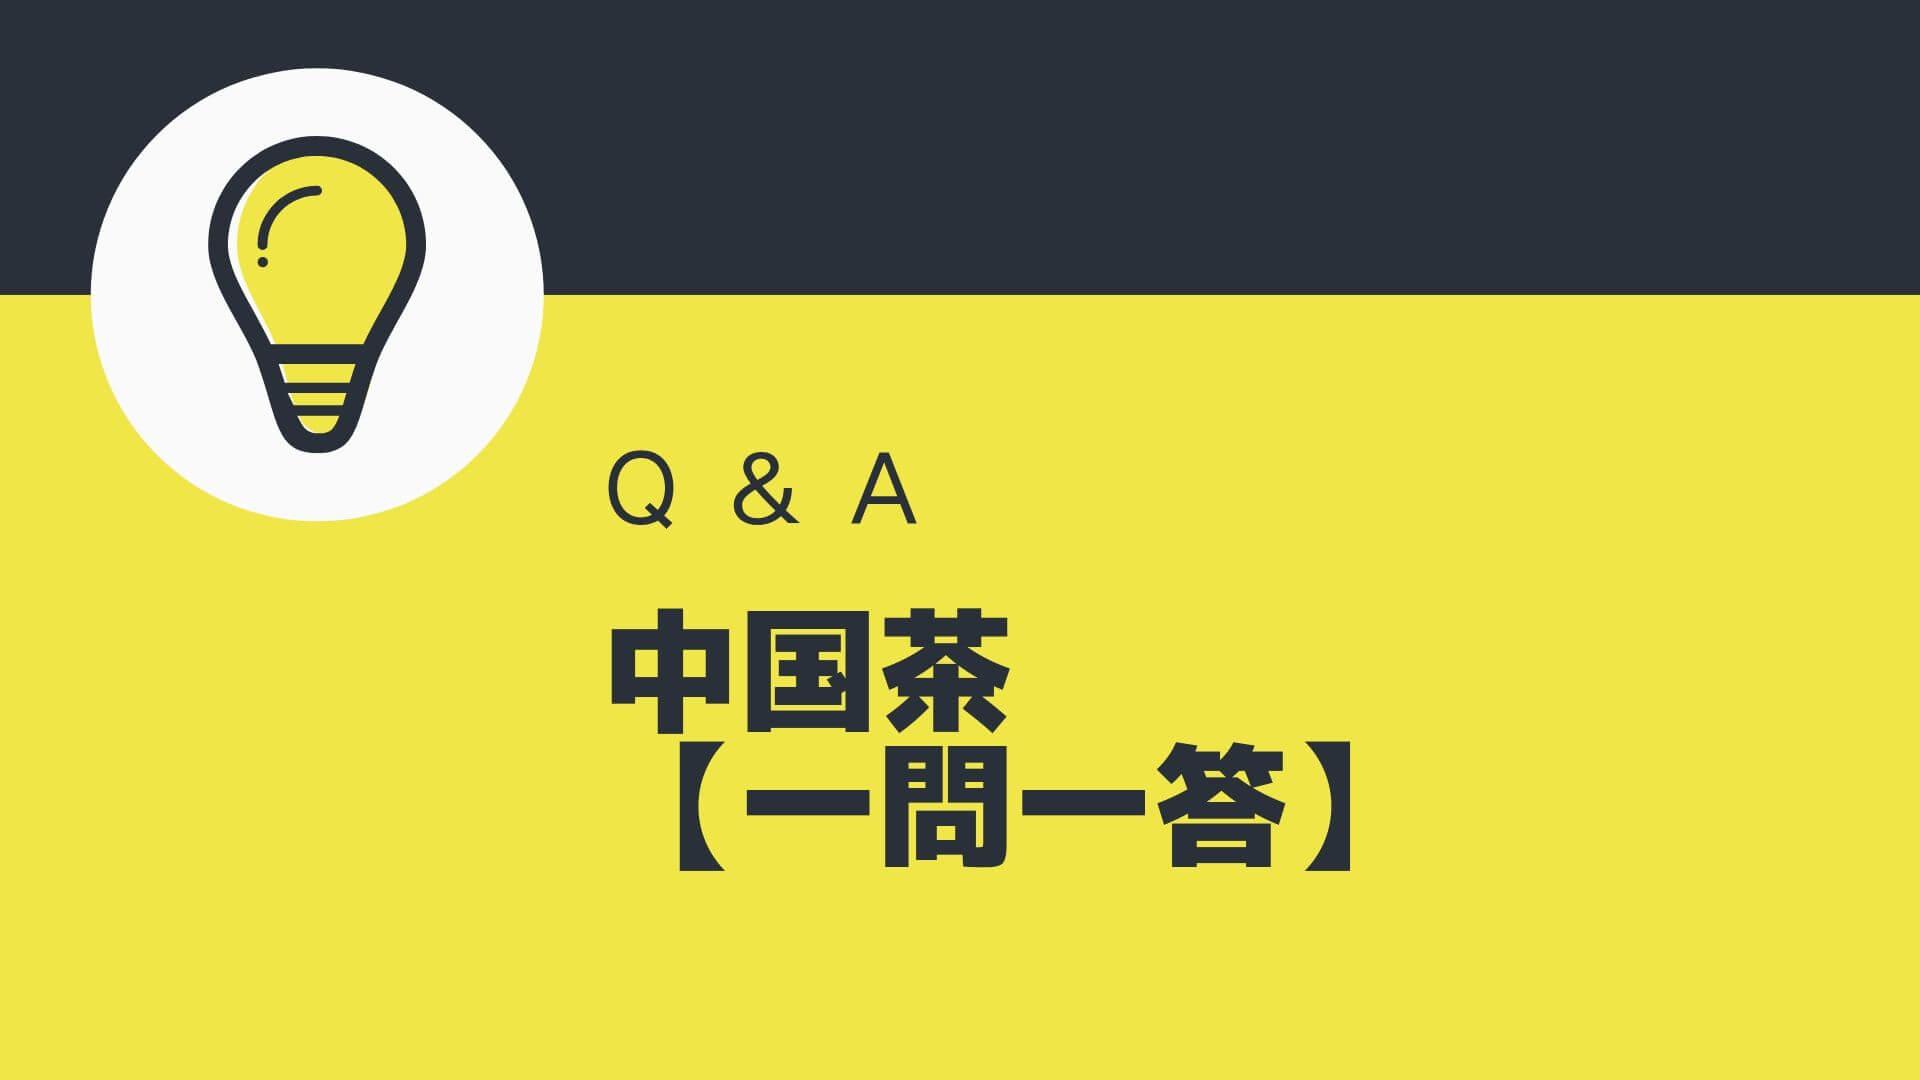 Q&A【一問一答】